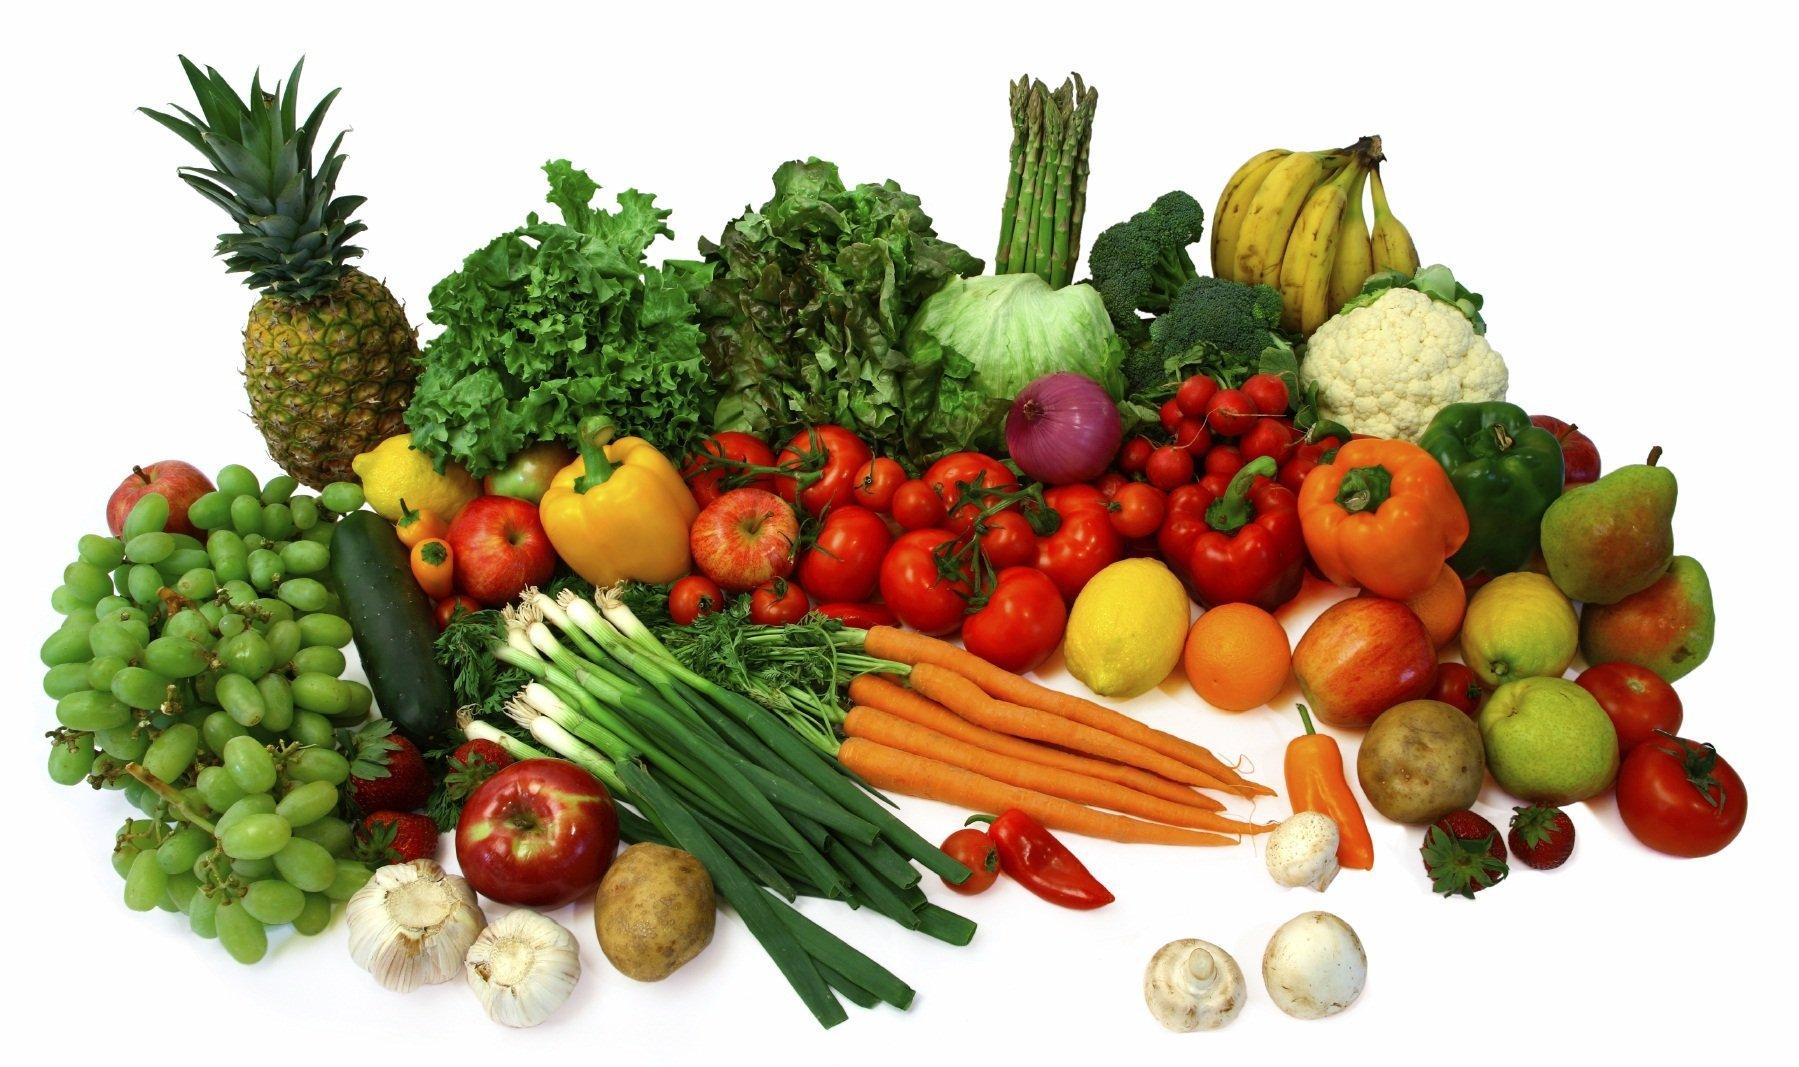 Công dụng của rau củ đối vói sức khỏe.